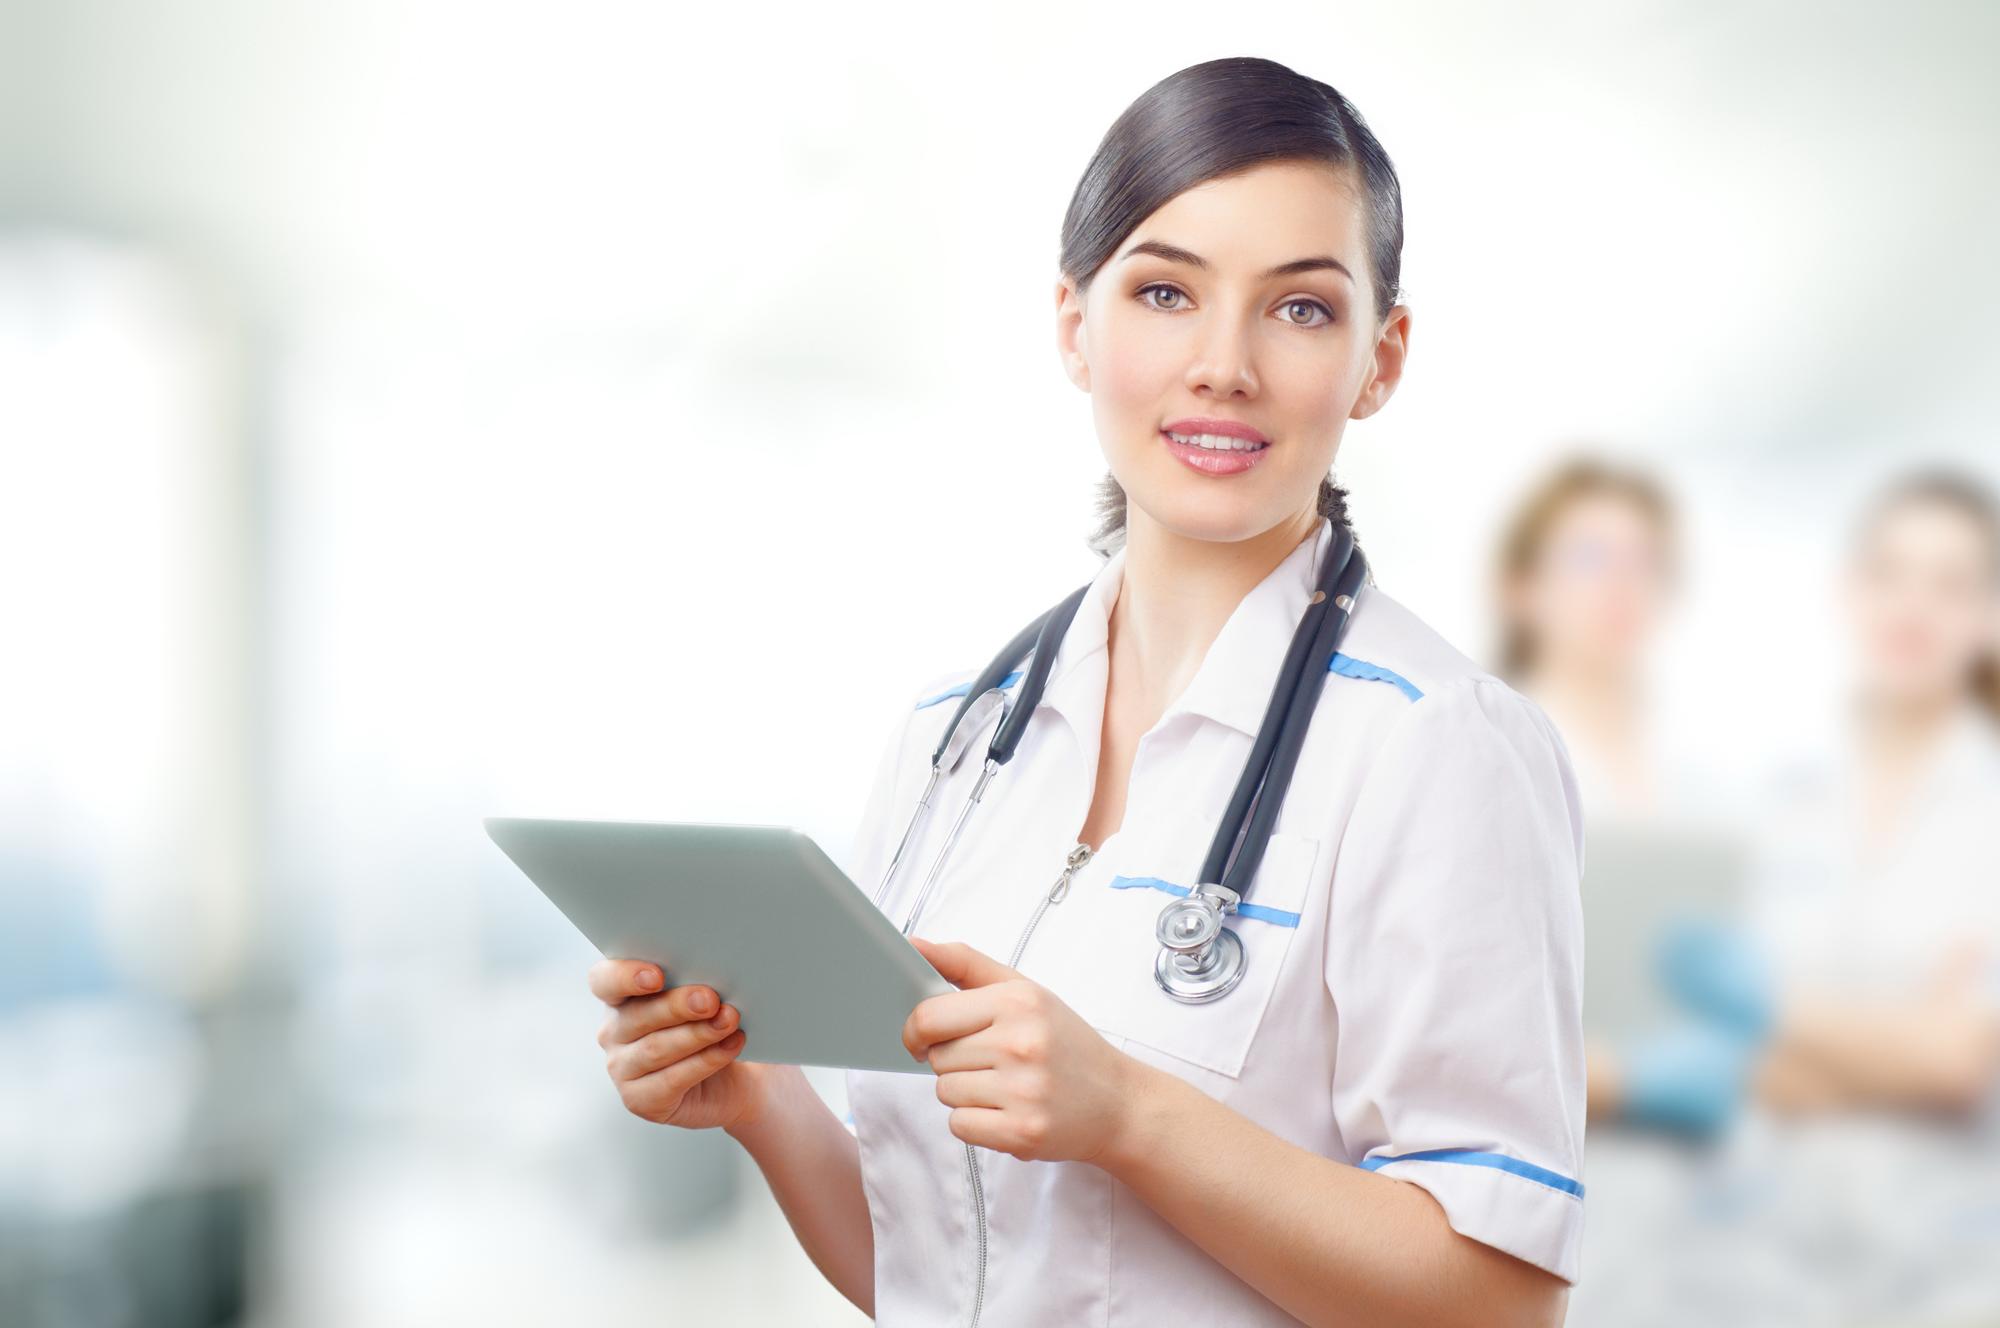 Энтероколит: симптомы, лечение, диета при энтероколите